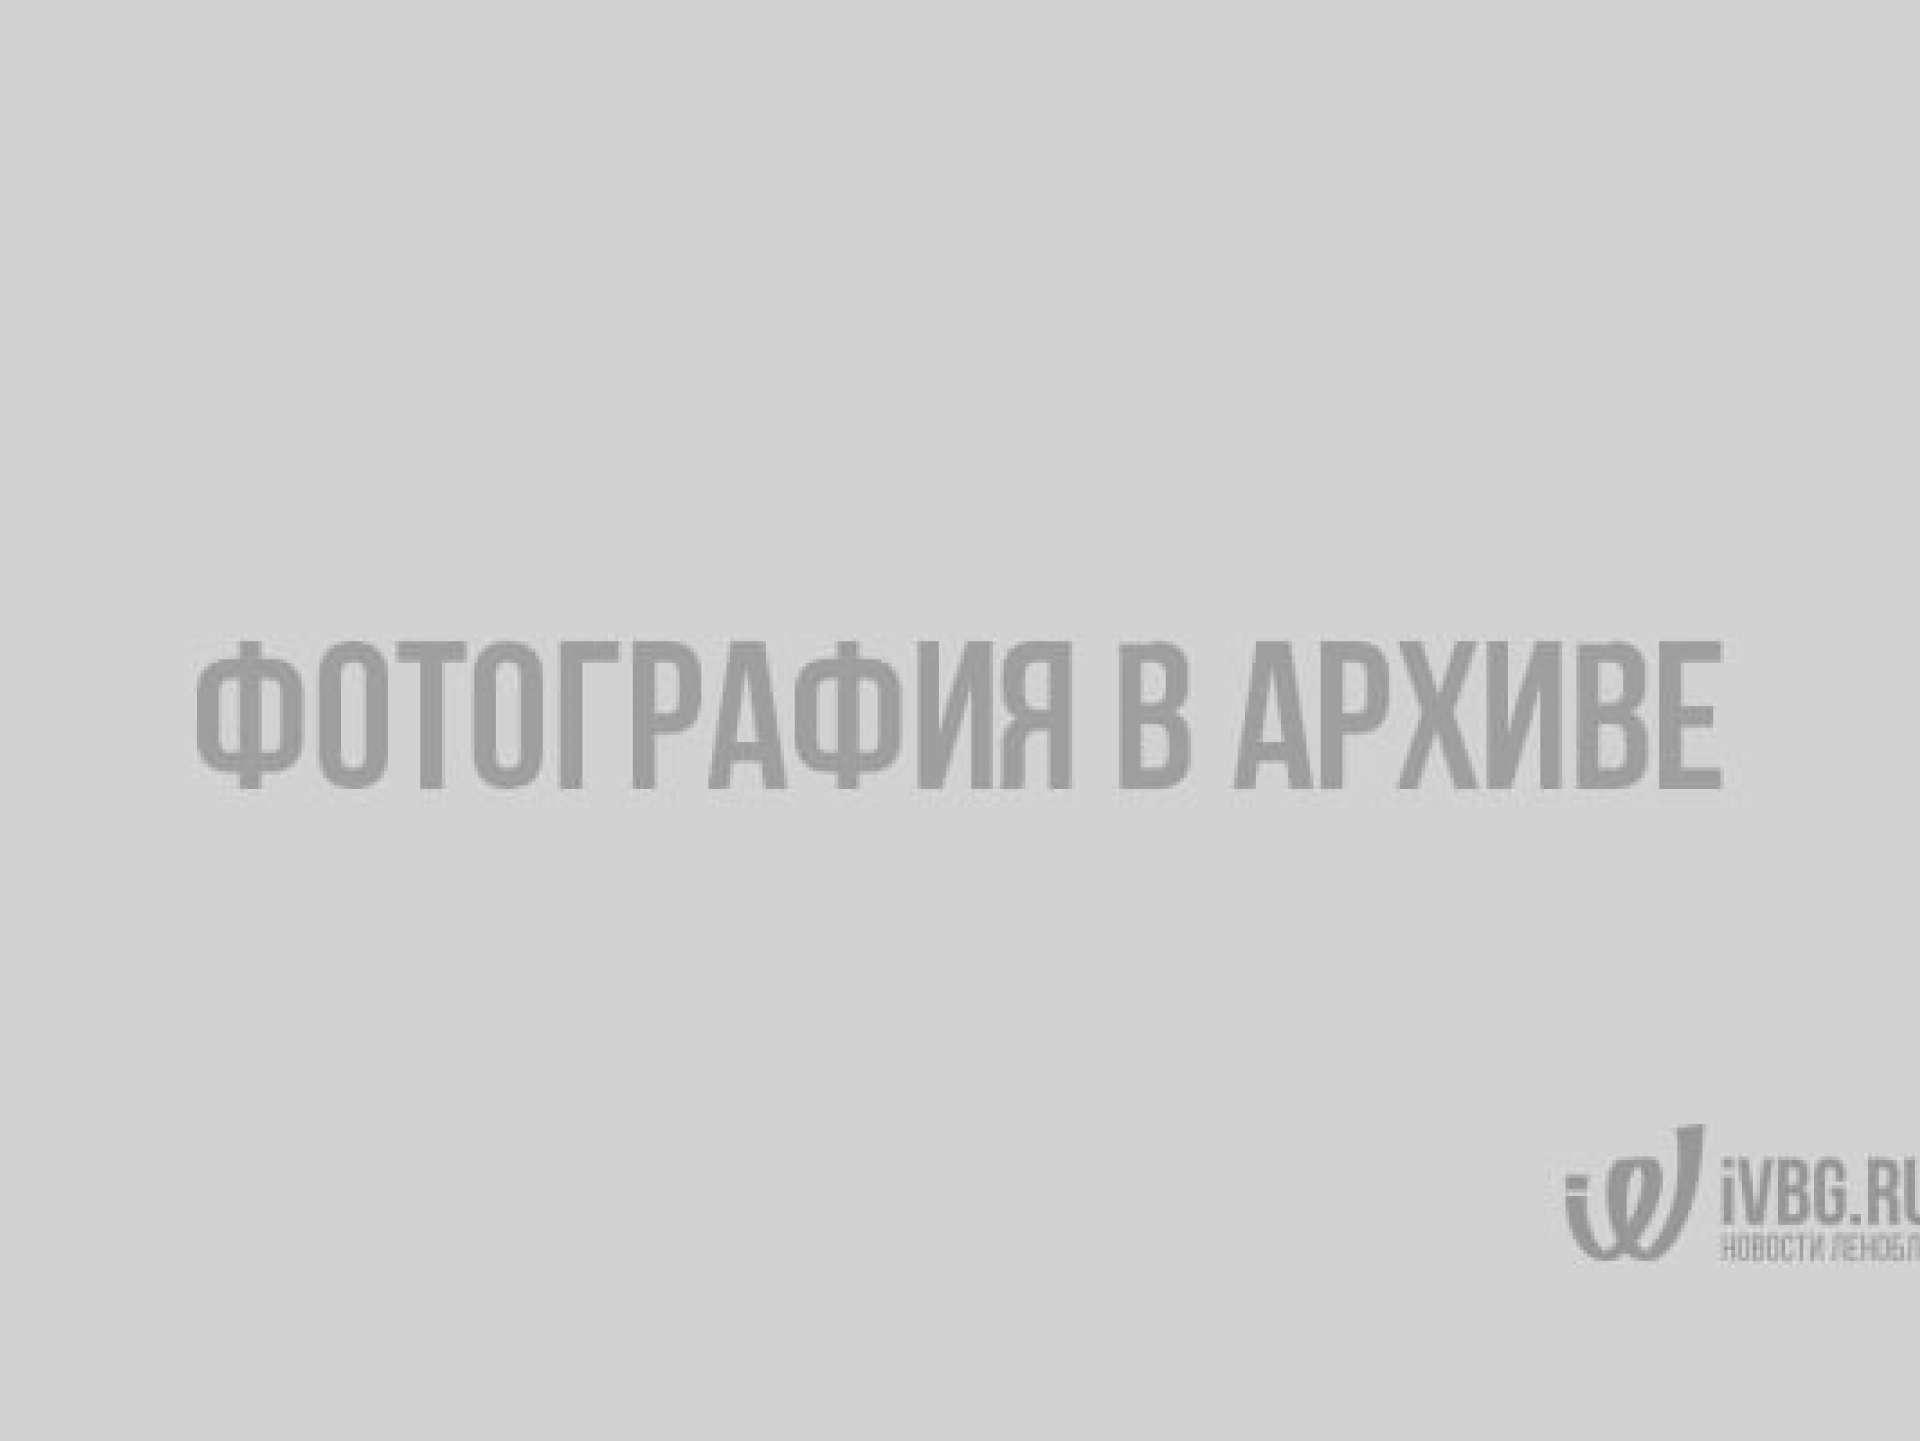 Два подростка на скутере погибли в ДТП в Лесколово - фото погибли подростки, лесколово, Ленобласть, ДТП, Всеволожский район